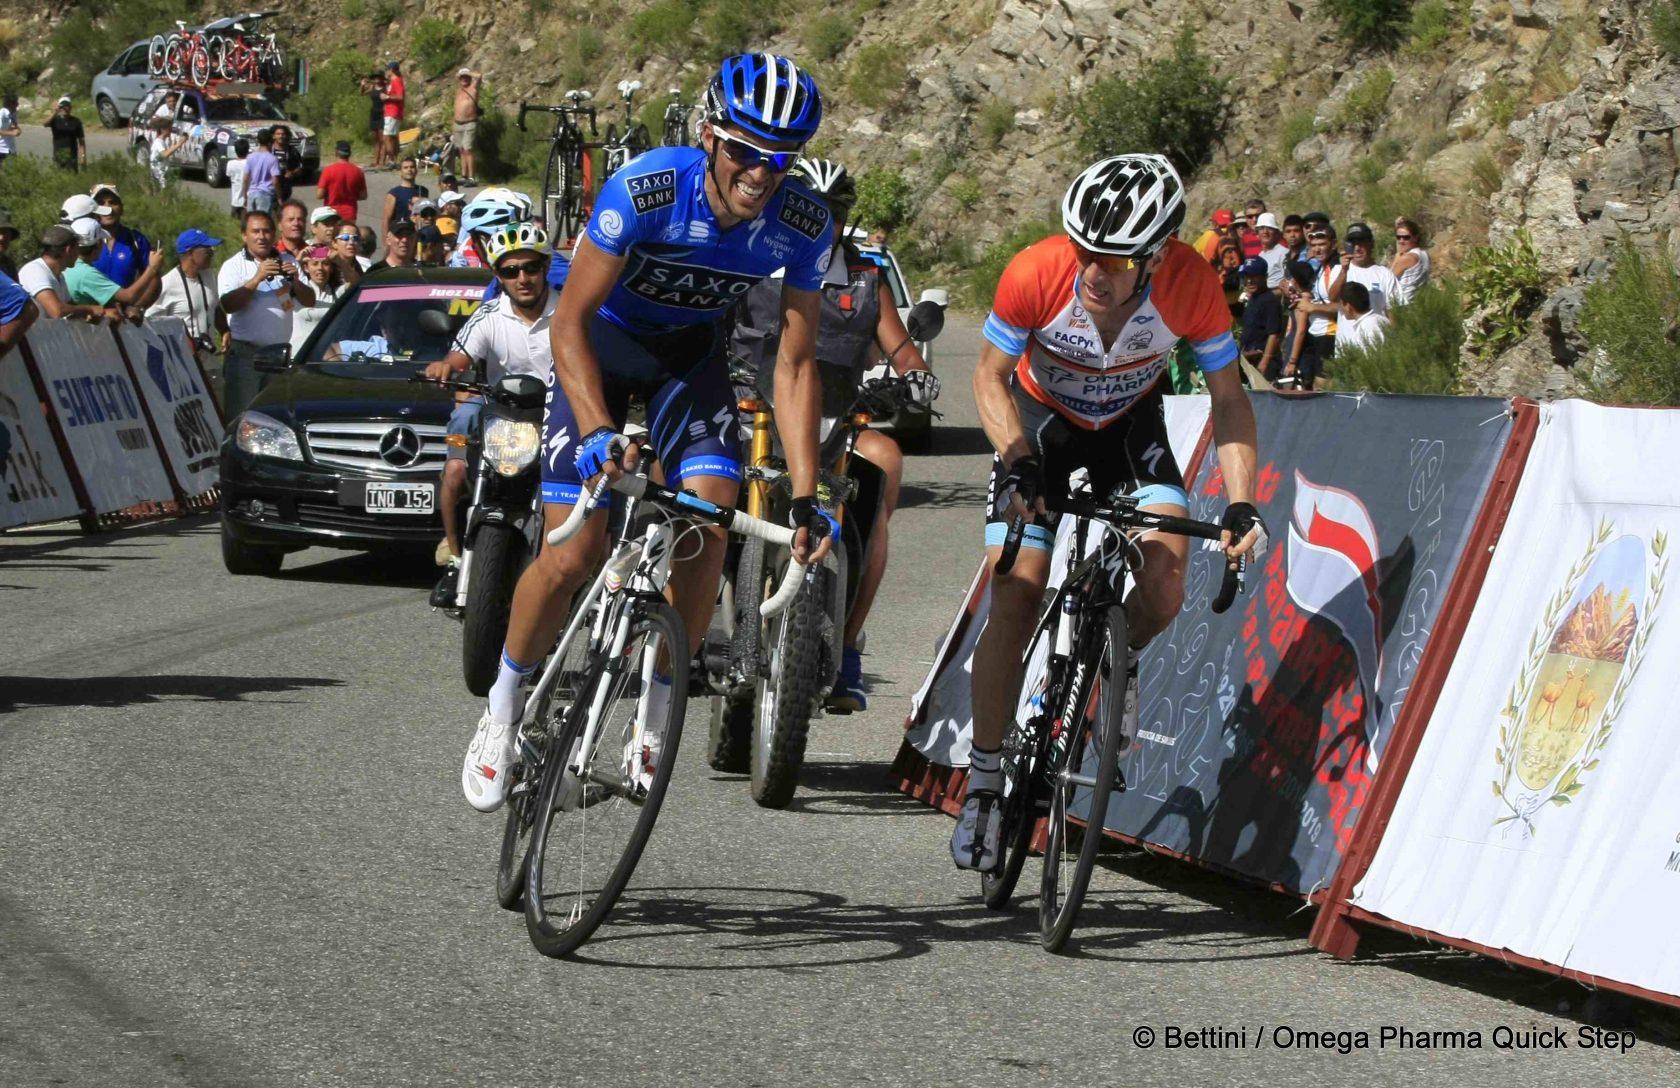 Tour de San Luis : Contador le plus fort